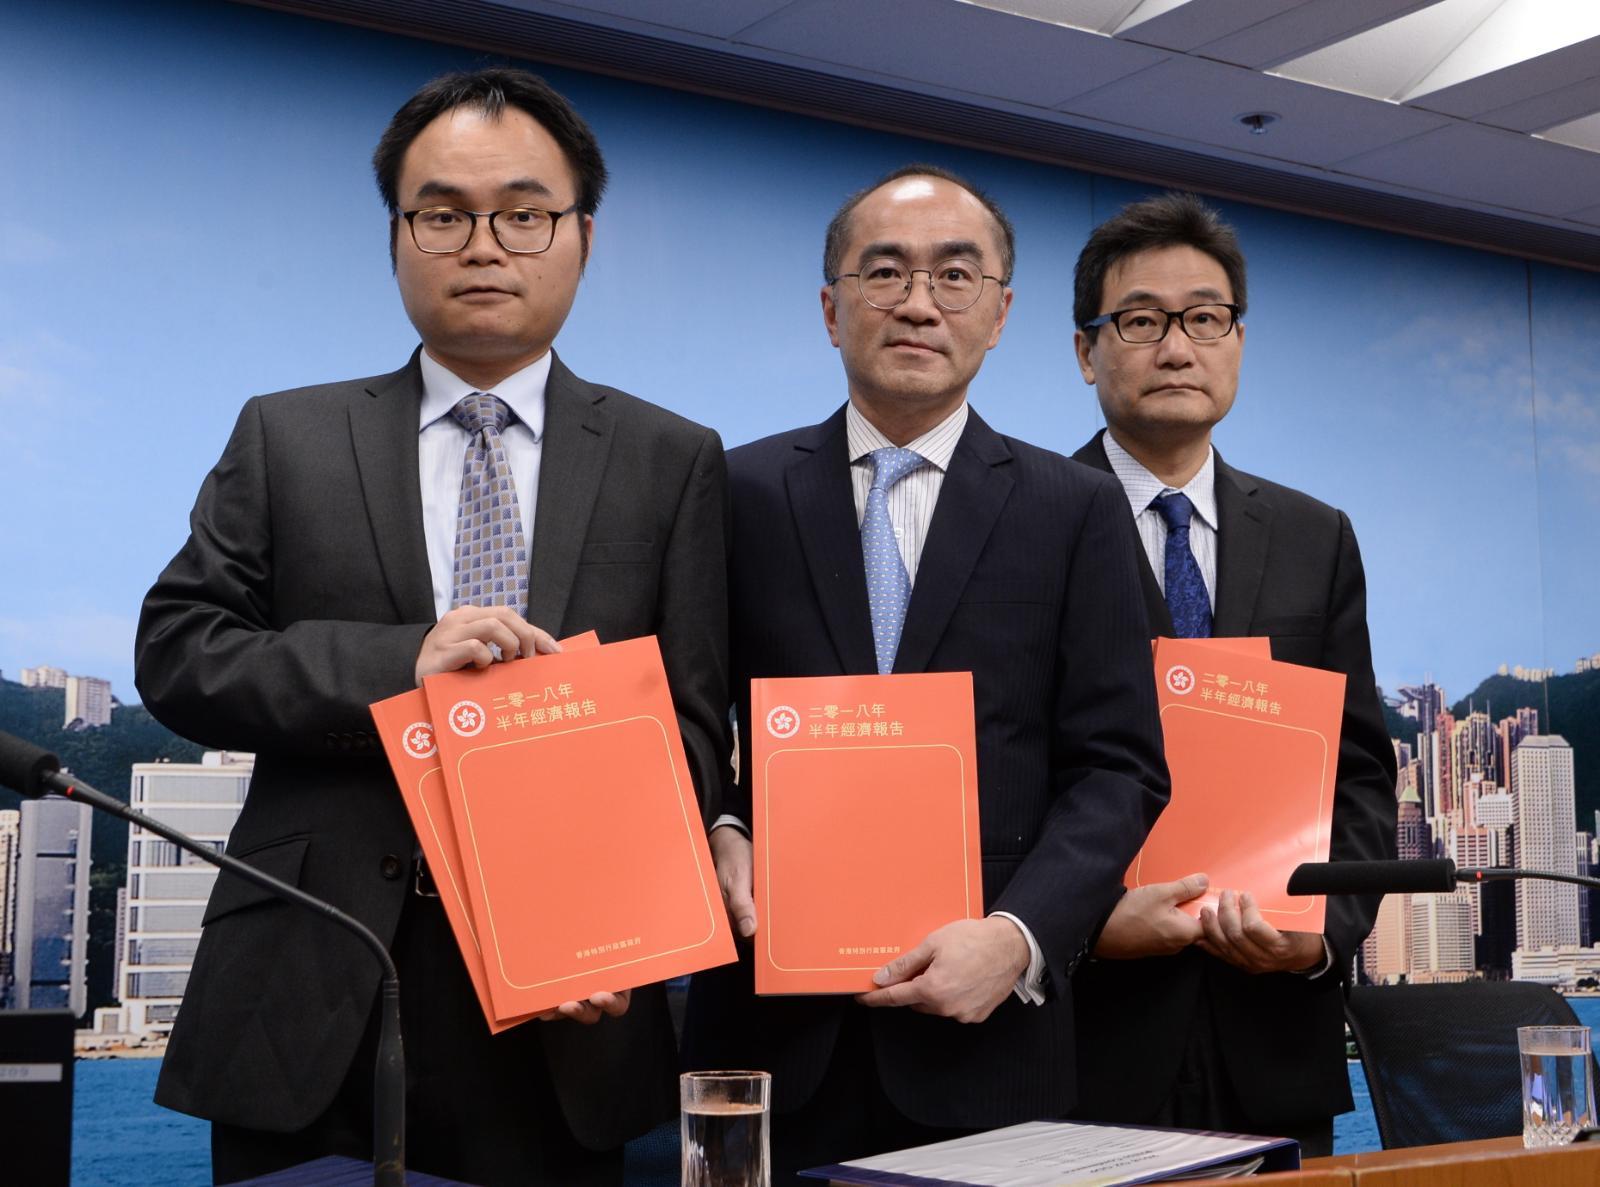 政府公布2018年第二季經濟狀況,第二季經濟按年升3.5%,但較第一季的按年增幅低。陳浩元攝